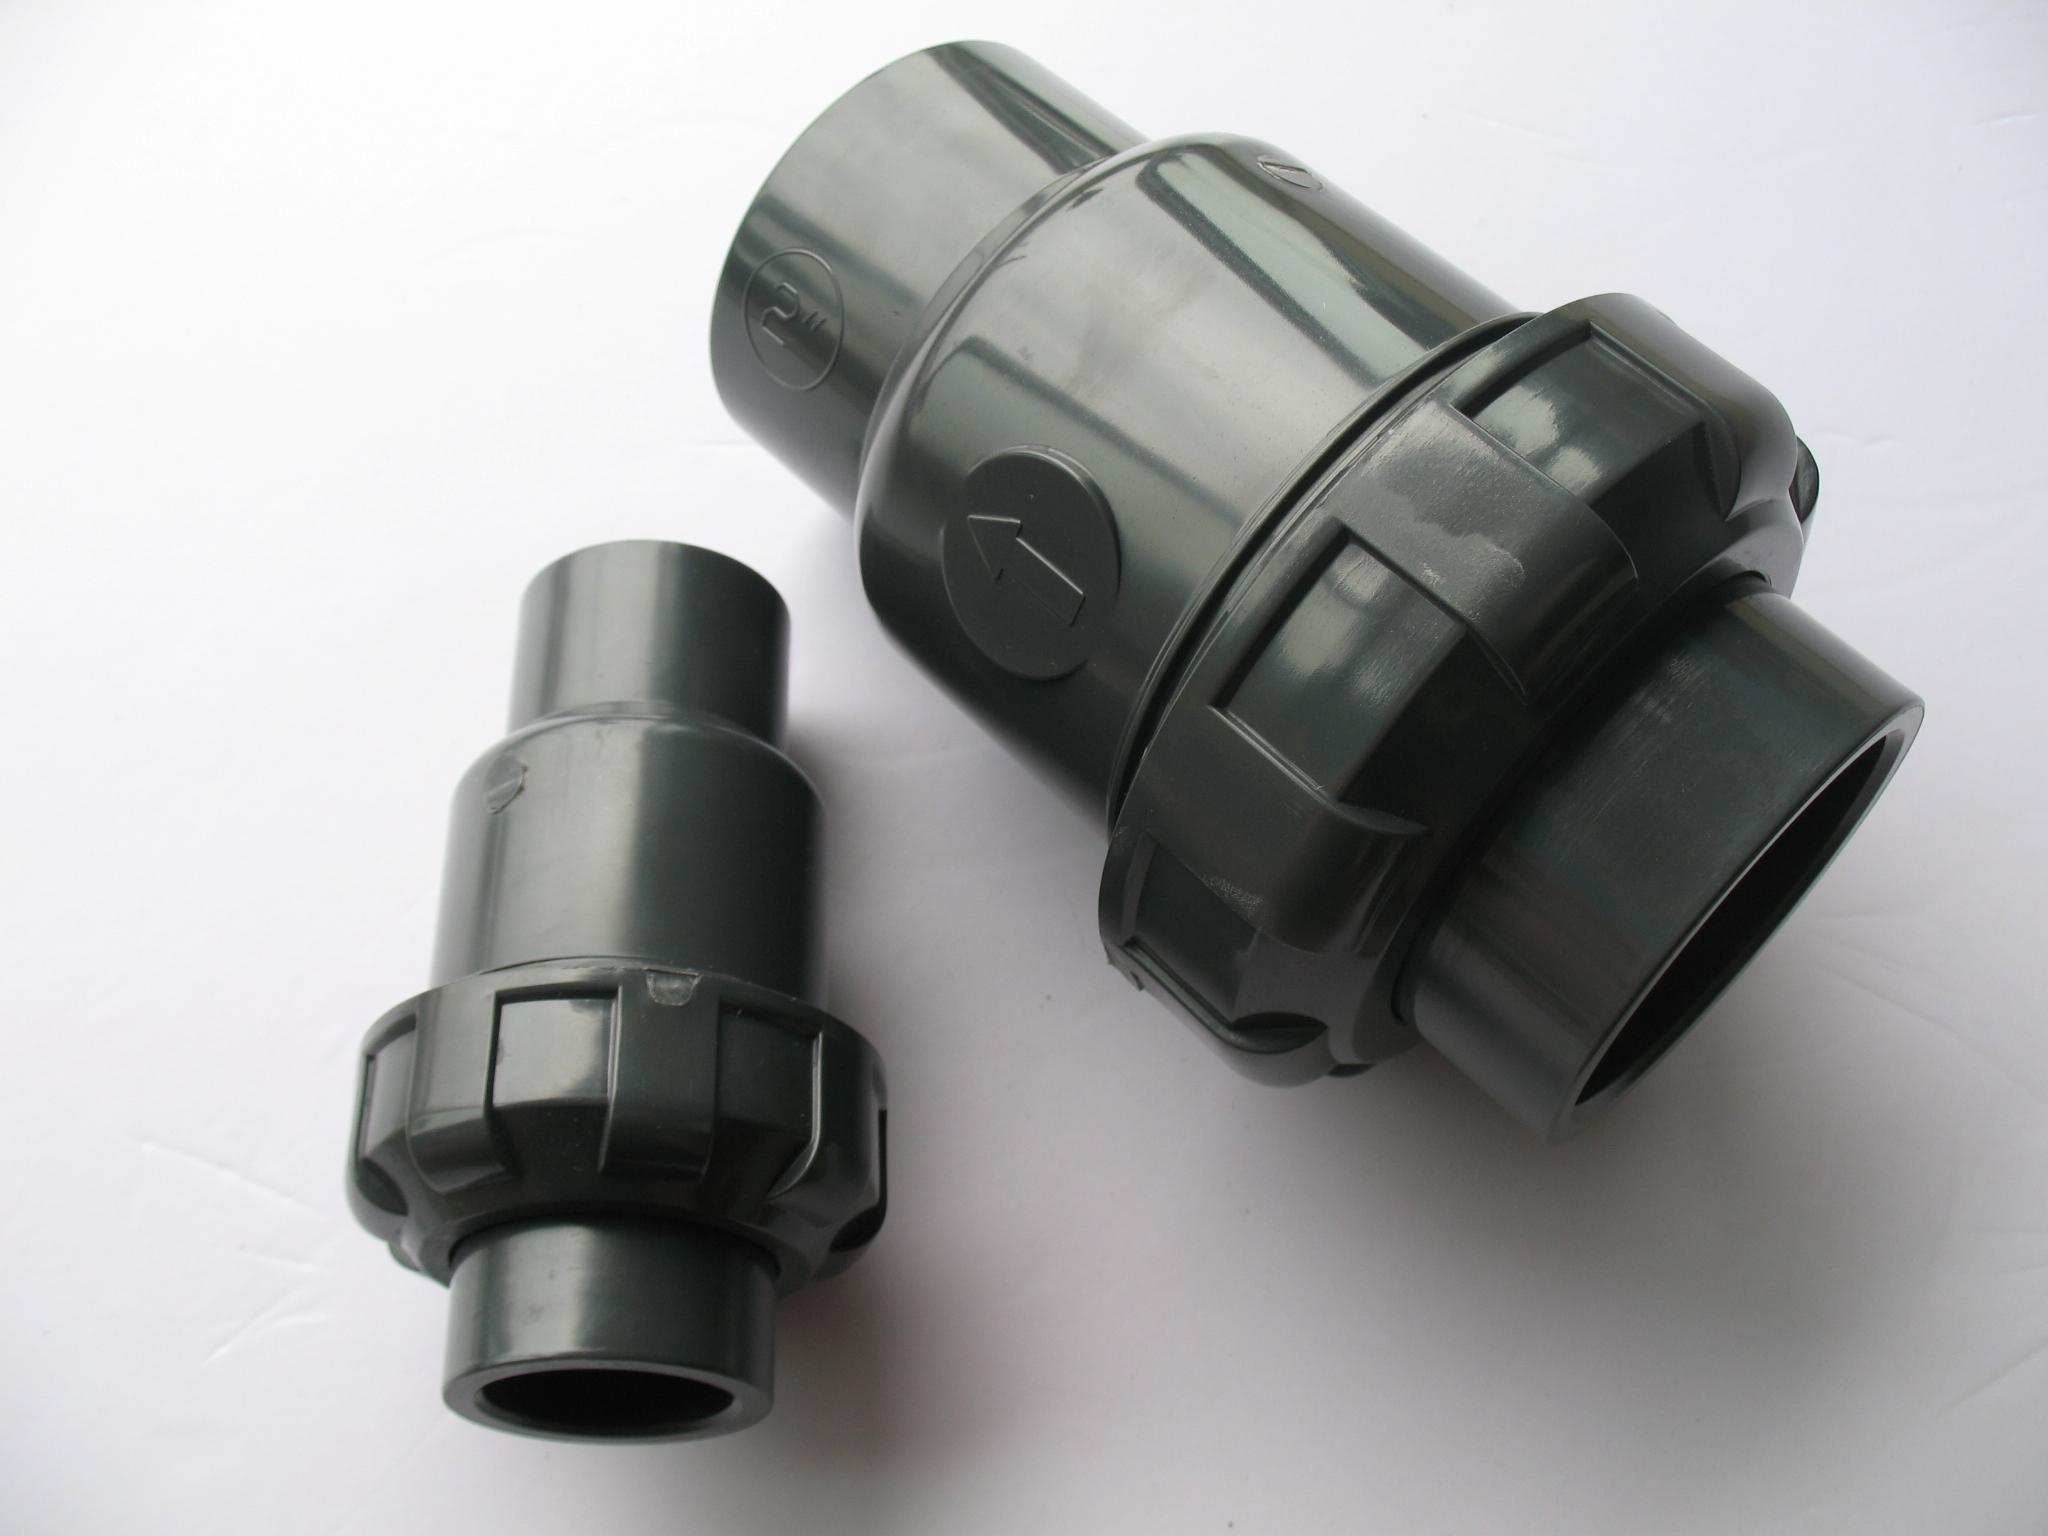 valve simple du clapet anti retour upvc de boule de pvc avec la taille de dn25 1 valve. Black Bedroom Furniture Sets. Home Design Ideas